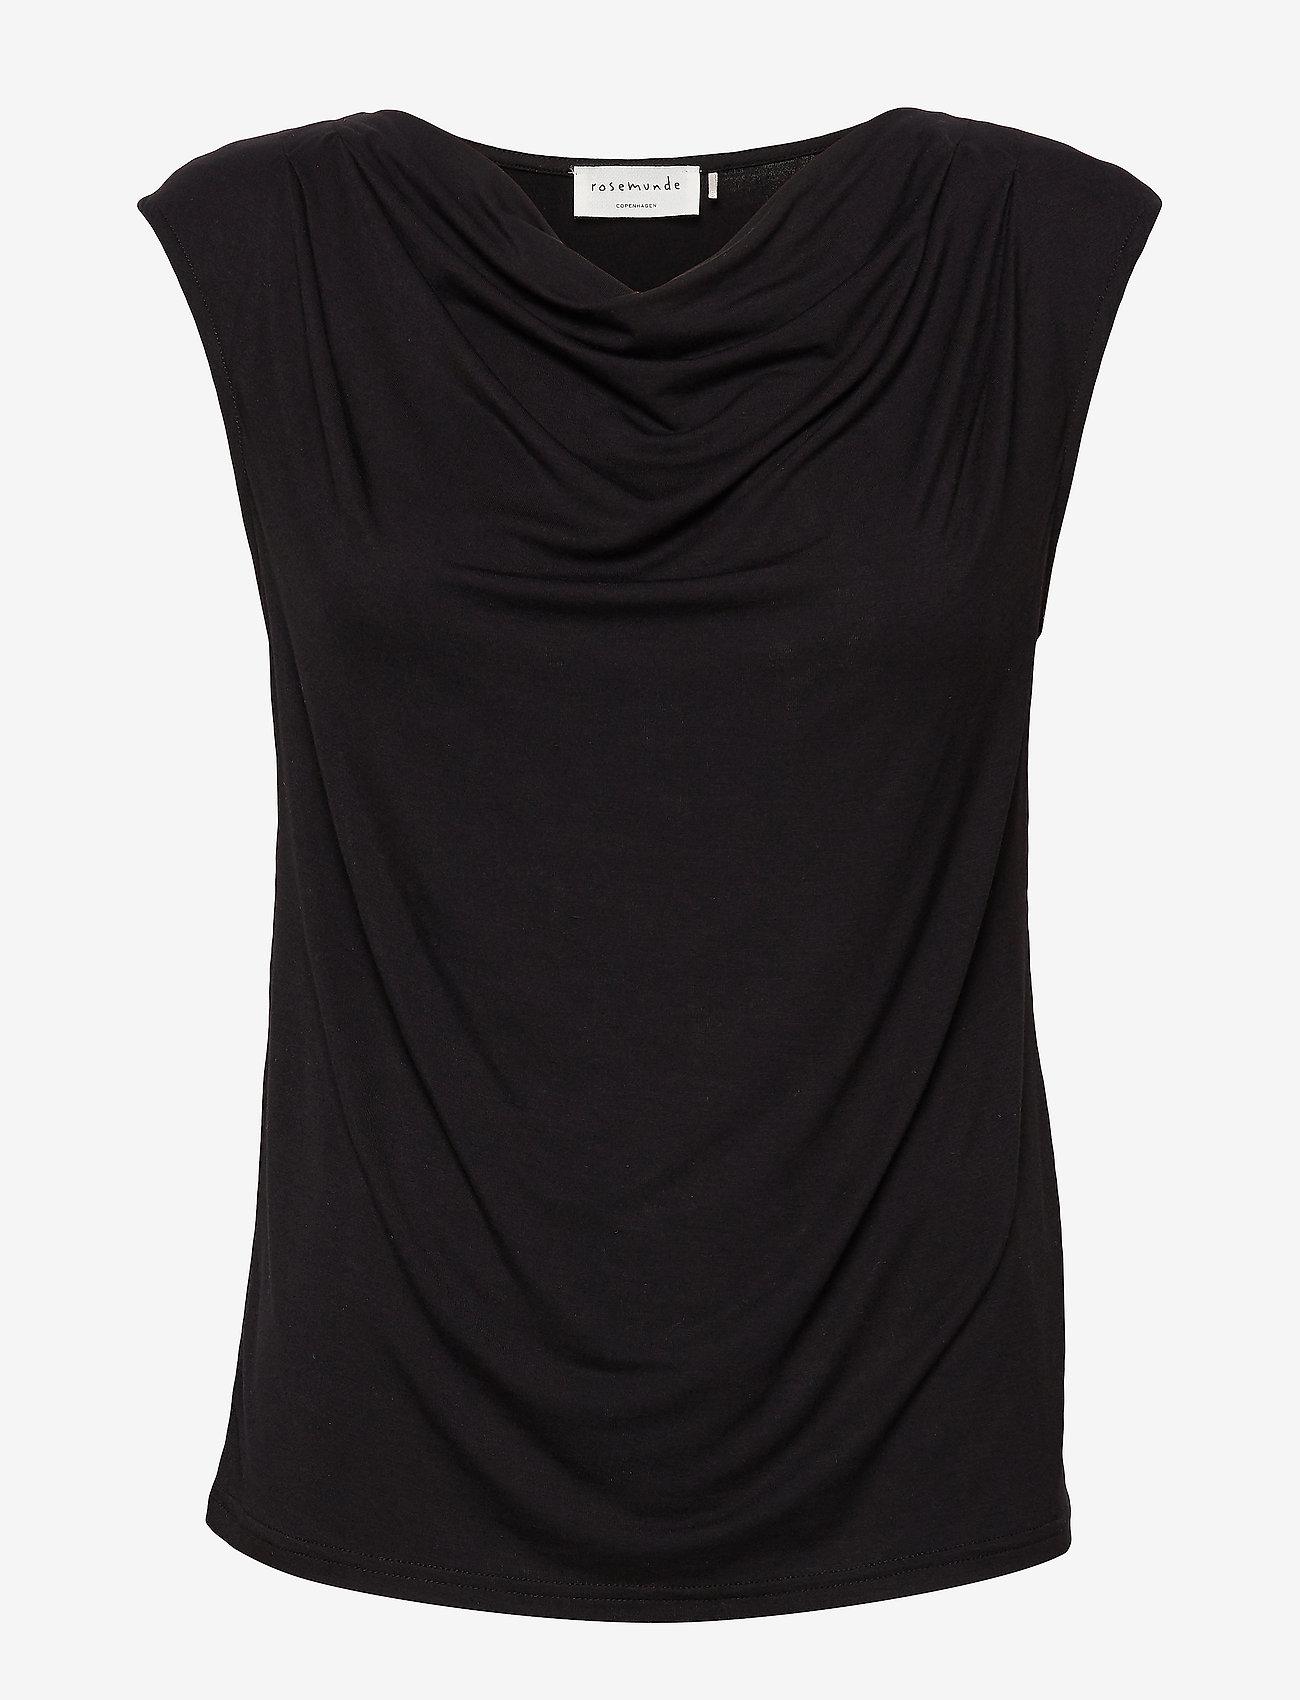 Rosemunde - T-shirt ss - ermeløse bluser - black - 0